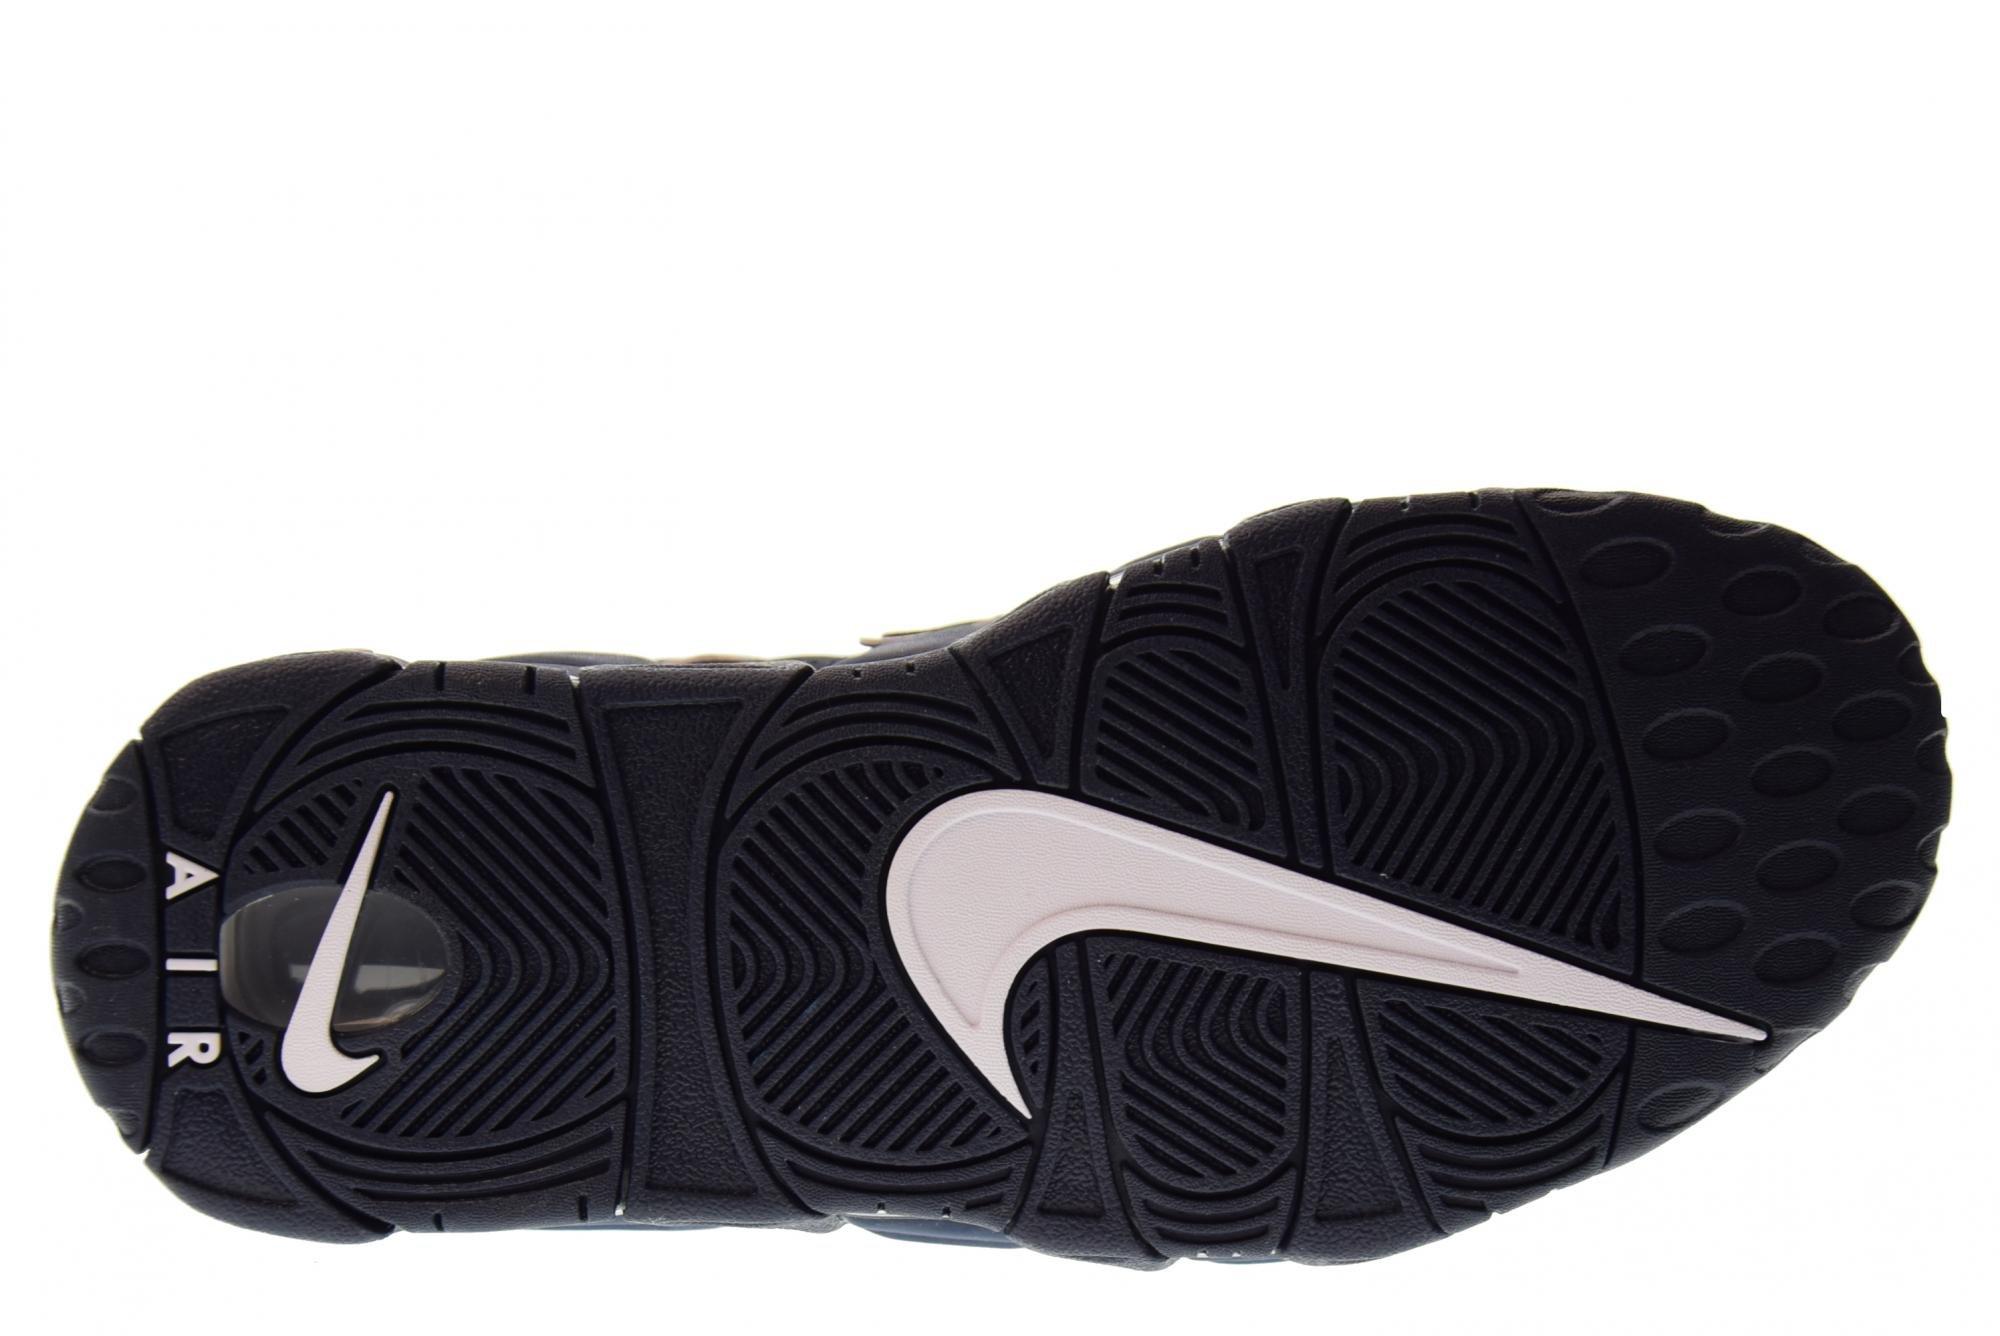 71ZeVMW1gKL - Nike Men's Air Huarache International Running Shoes